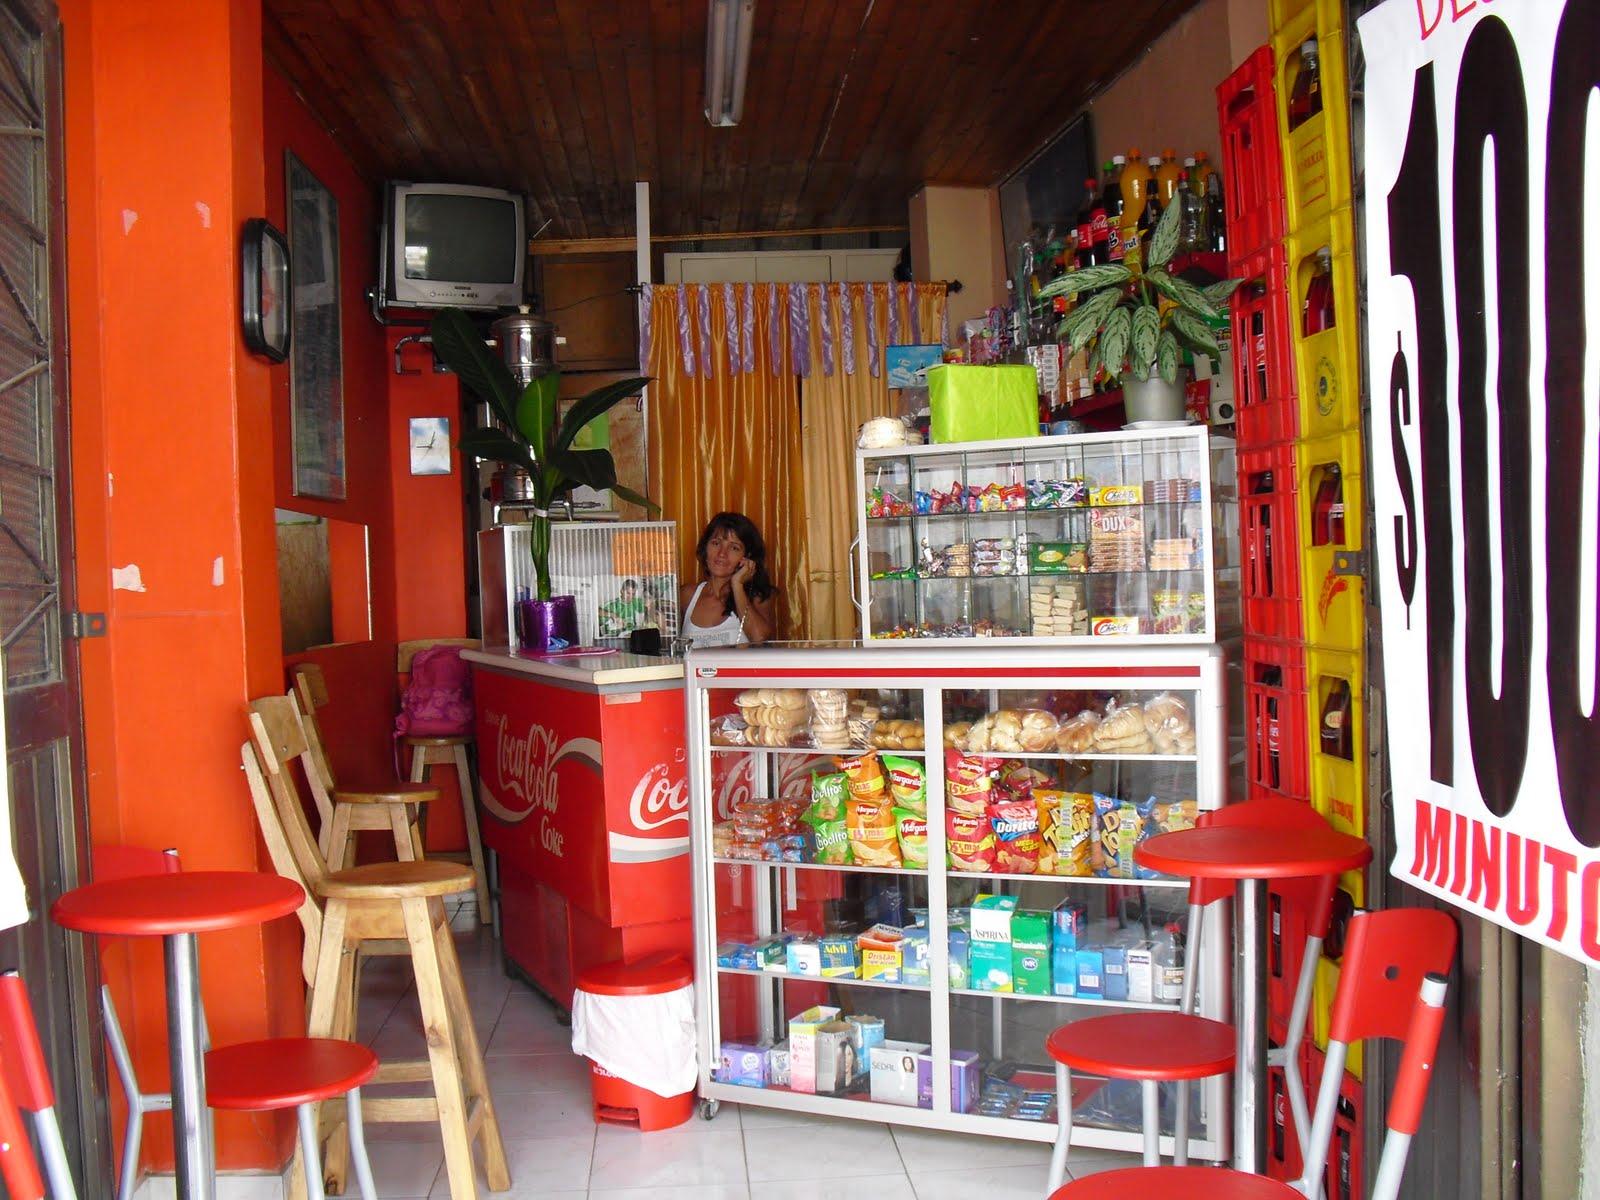 fotos de muebles usados en venta - Muebles Usados Muebles en Venta Vivavisos